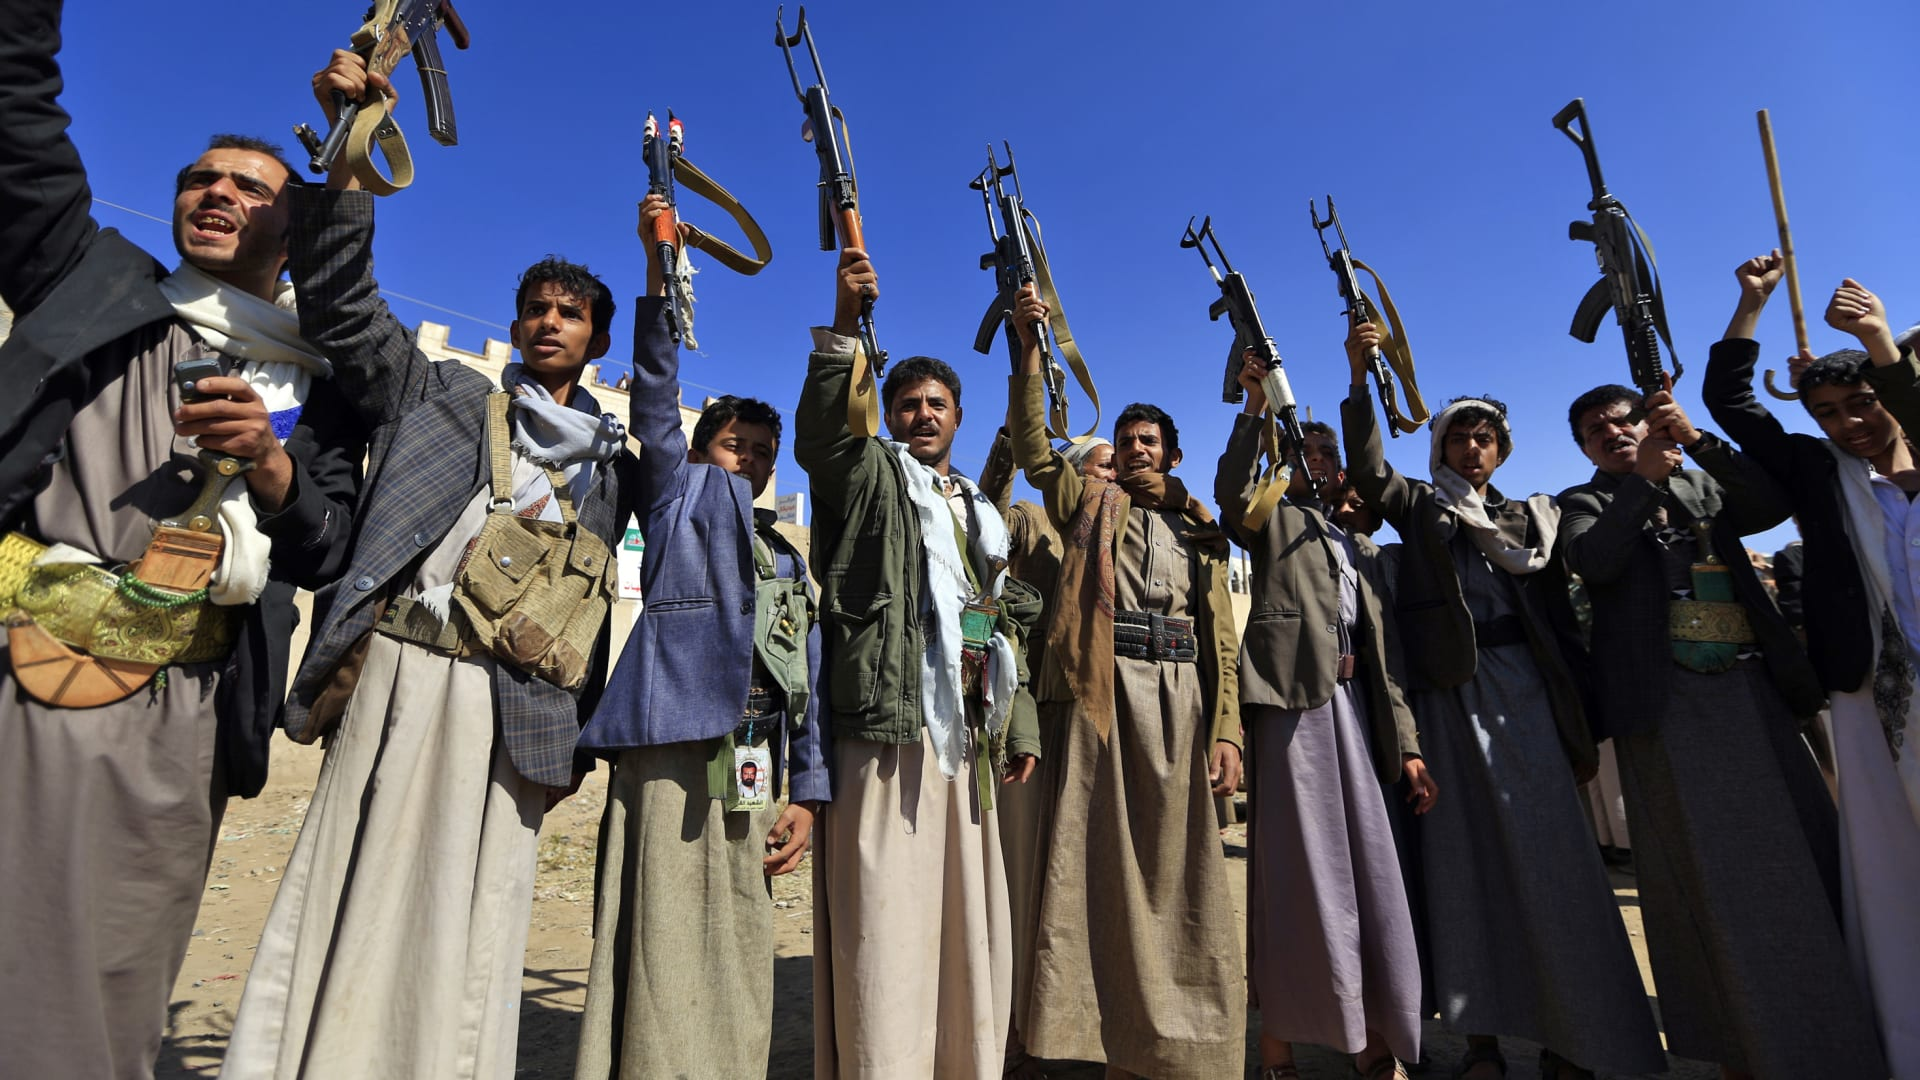 الحوثيون يصعّدون هجماتهم ضد السعودية.. وأمير سعودي يشير إلى وجود أمل